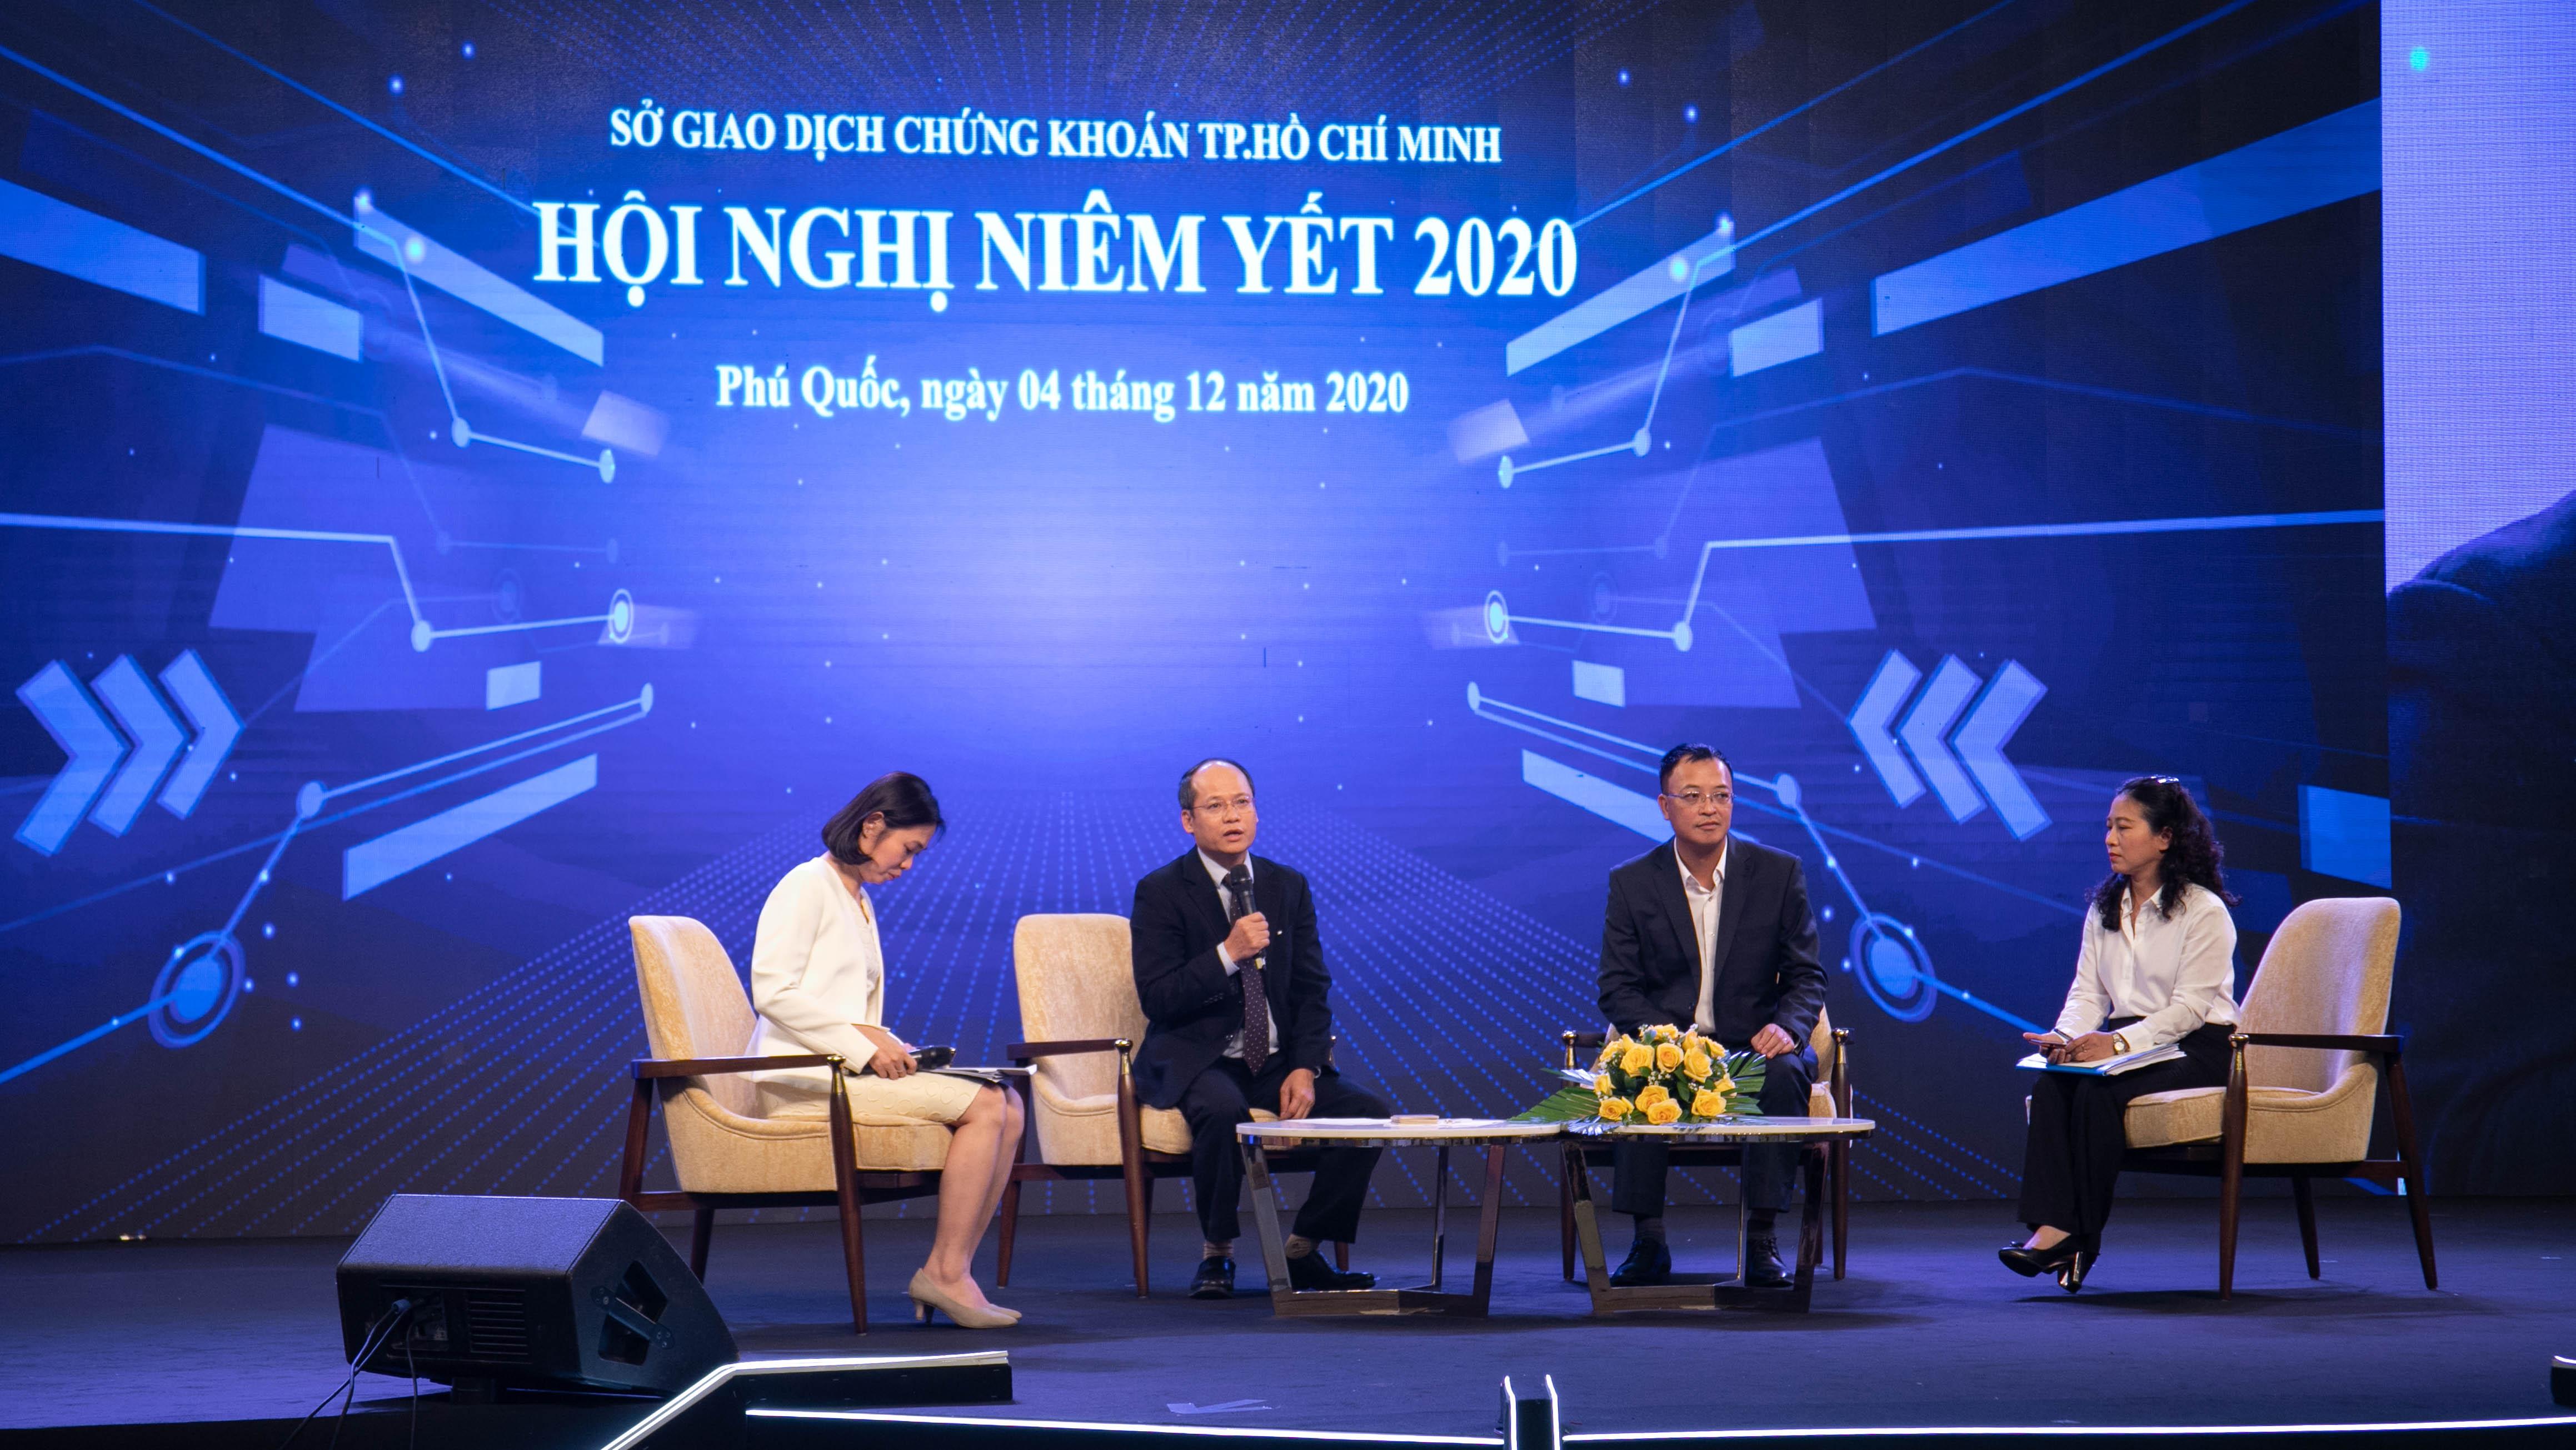 https://www.aravietnam.vn/wp-content/uploads/2020/12/IMG_8579.jpg